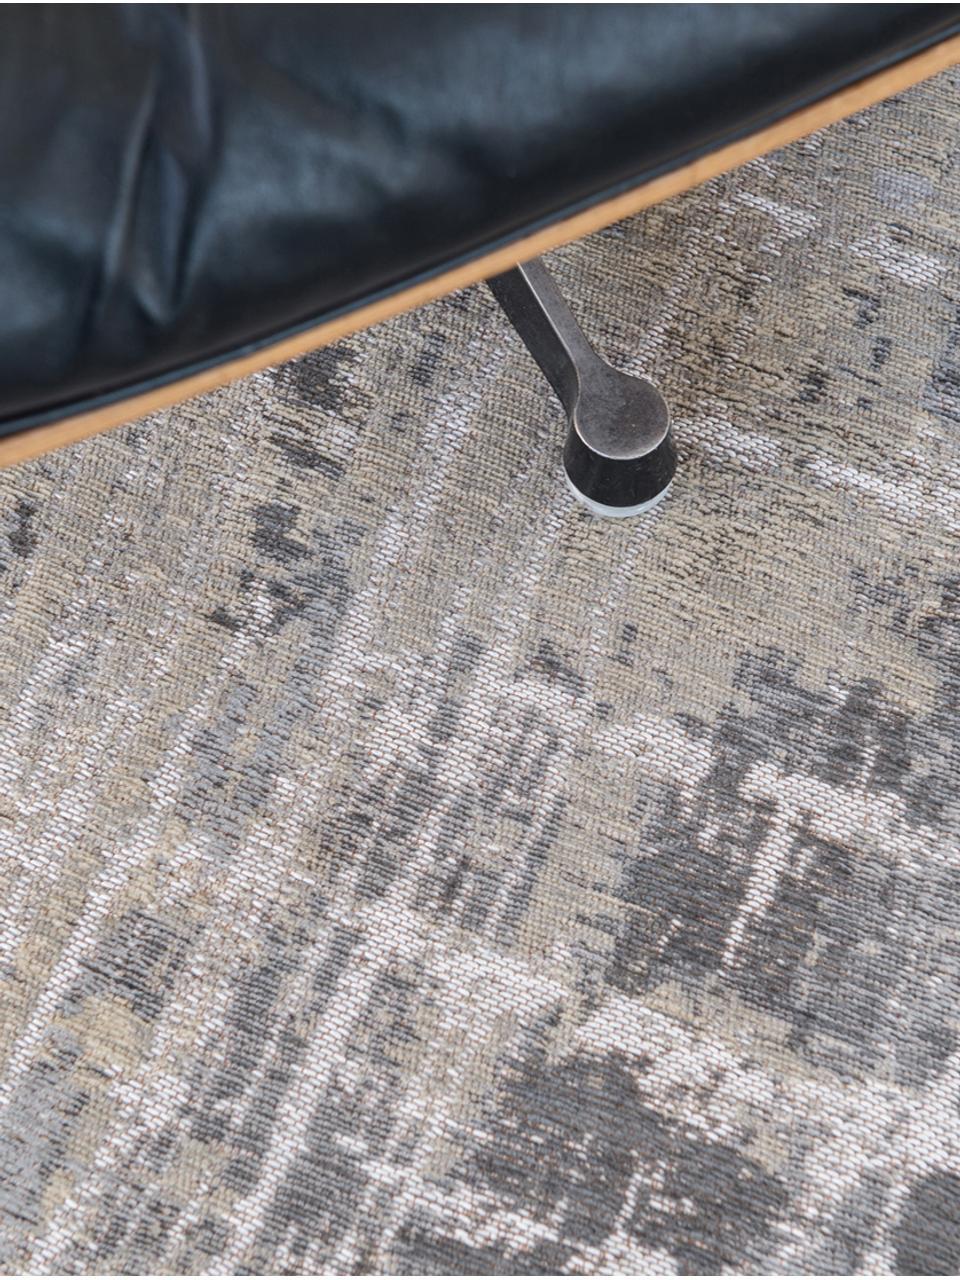 Designteppich Streaks in Grau, Vorderseite: 85%Baumwolle, 15%hochgl, Webart: Jacquard, Rückseite: Baumwollgemisch, latexbes, Grautöne, B 280 x L 360 cm (Größe XL)